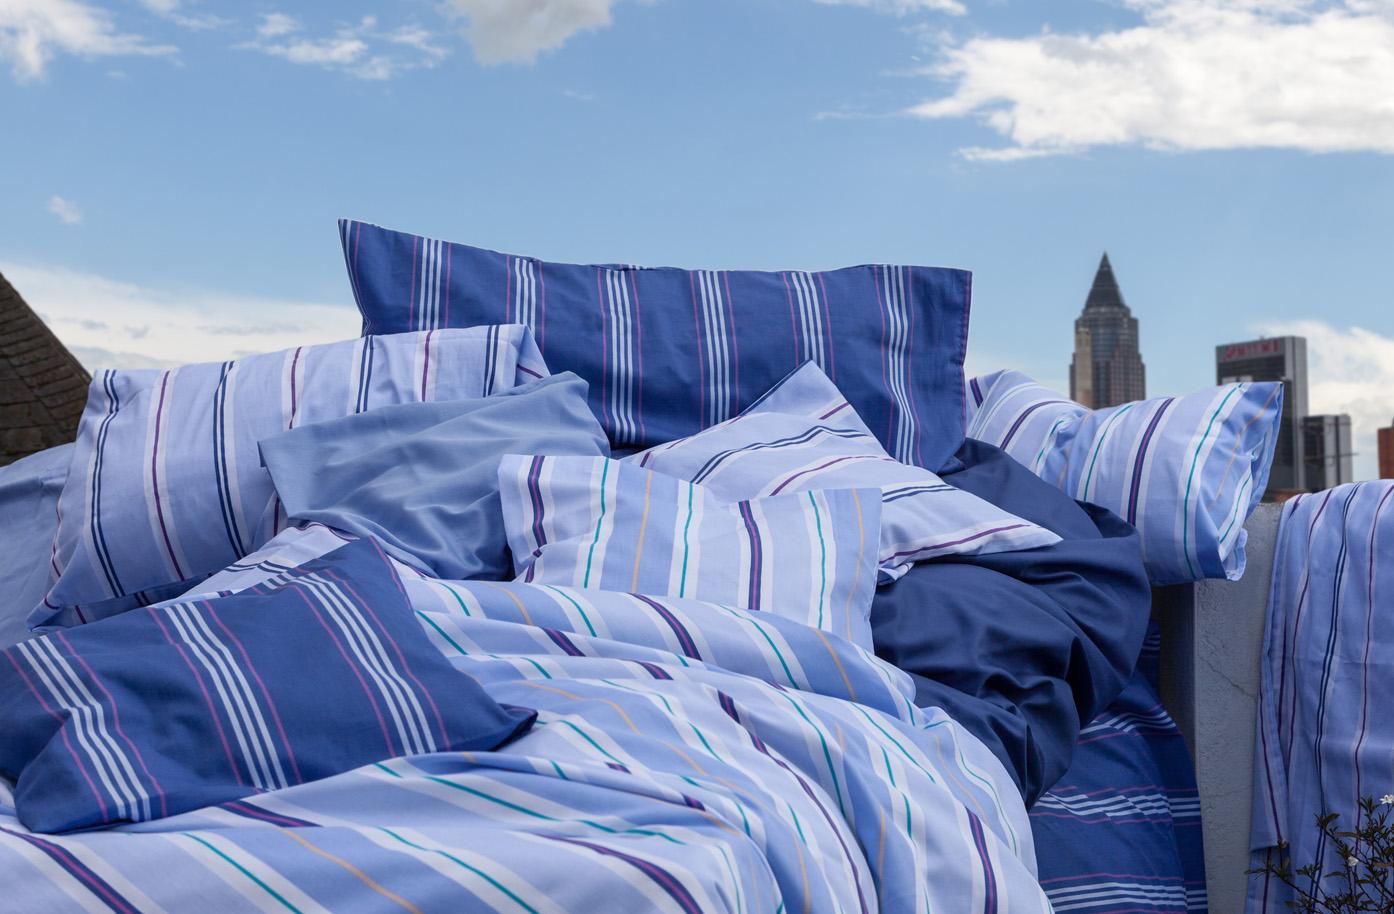 Neues Exklusives Bettwäsche Design Bett Und Kissenbezüge Von